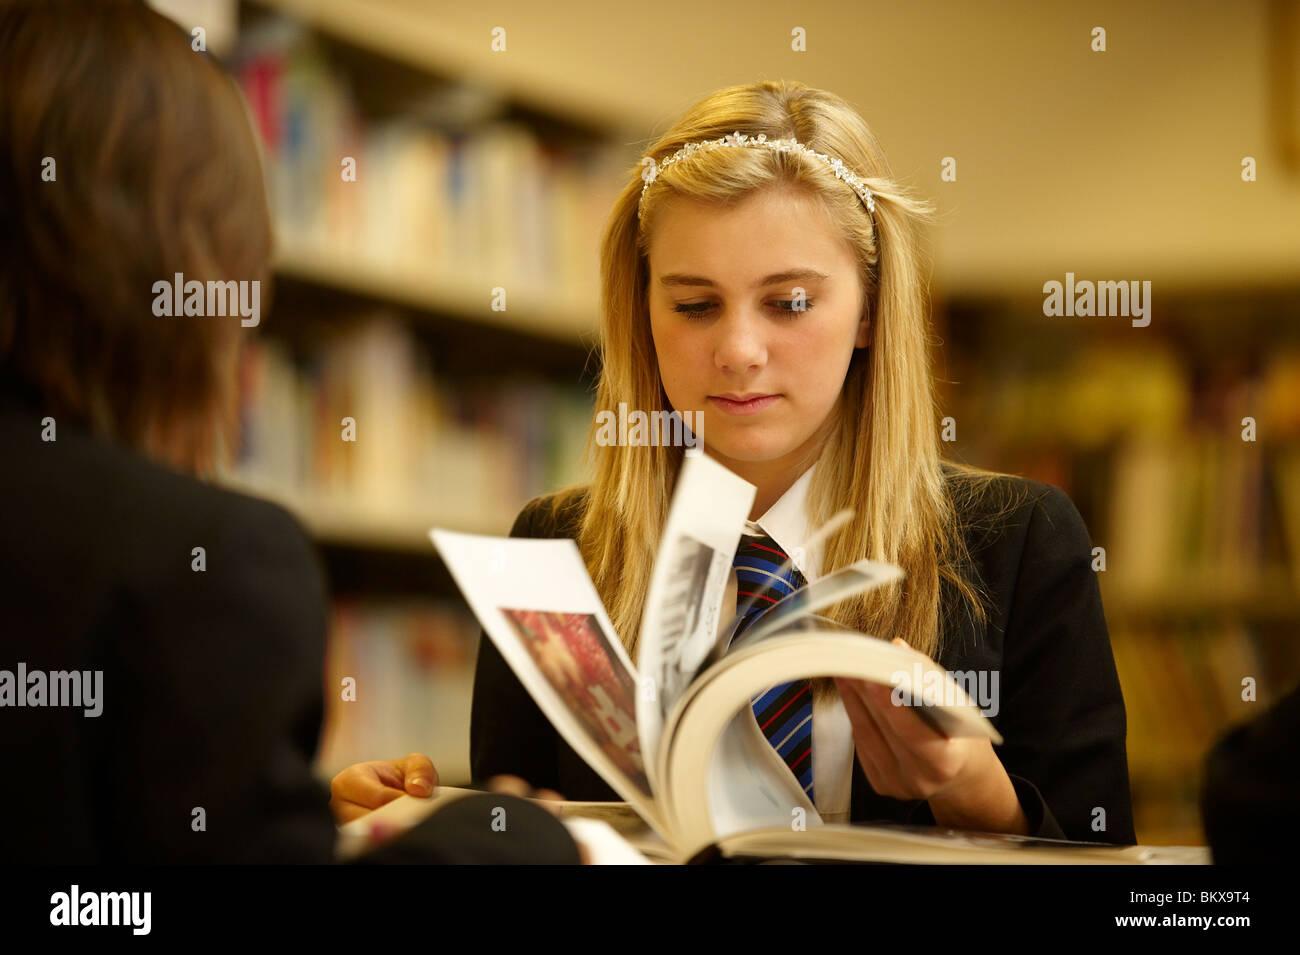 chica en la biblioteca Imagen De Stock